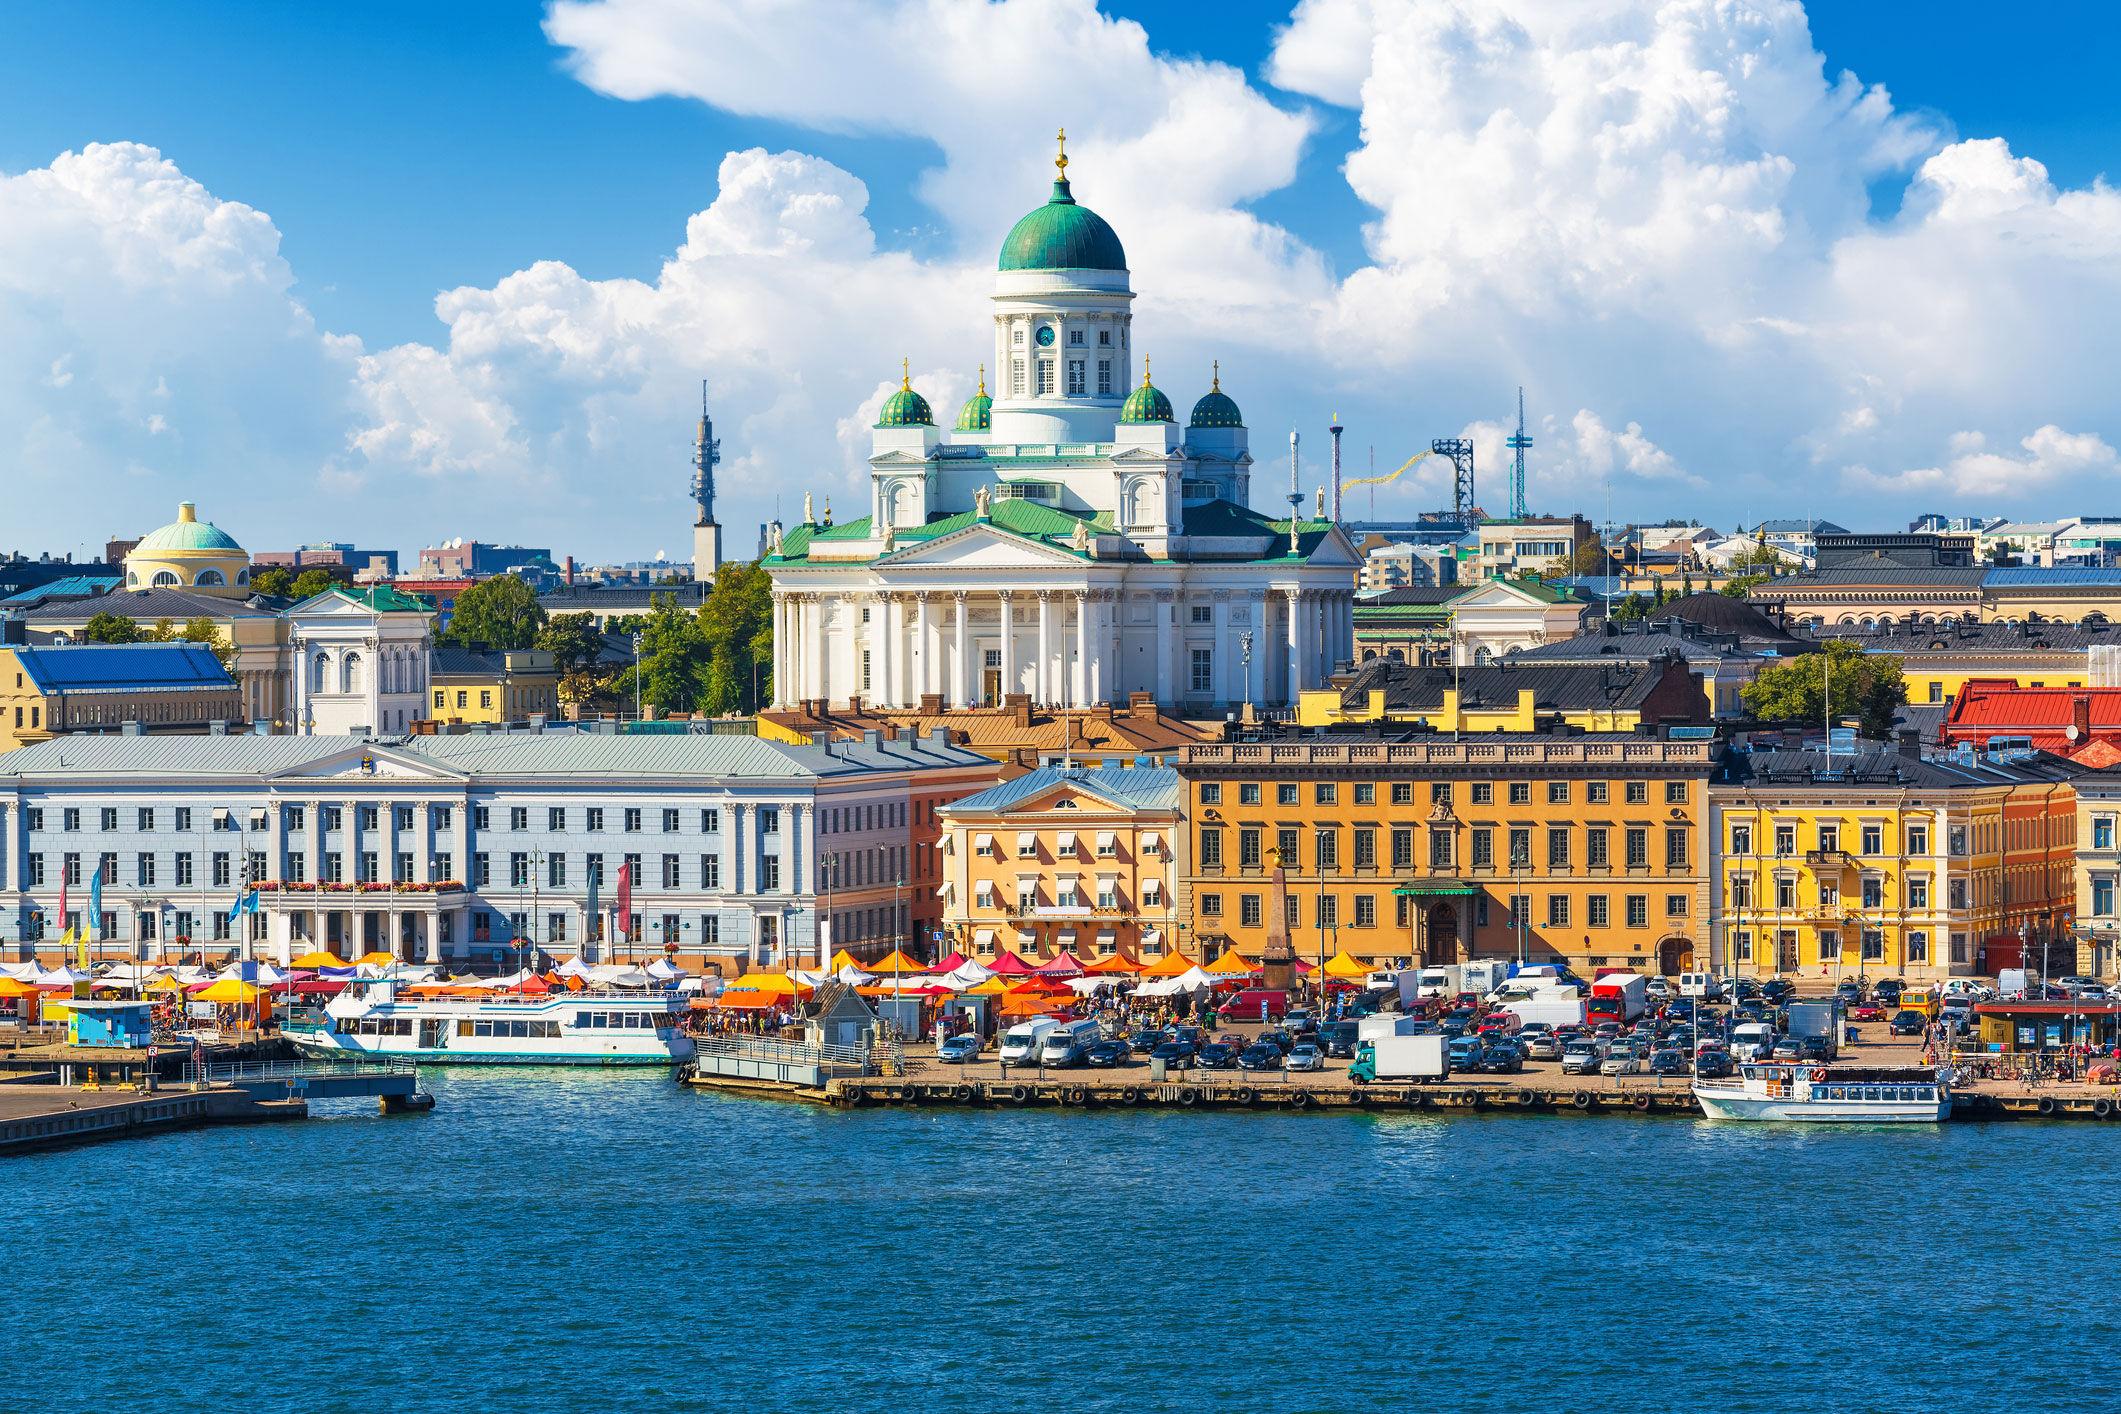 Helsinki, scanrail | istockphoto.com